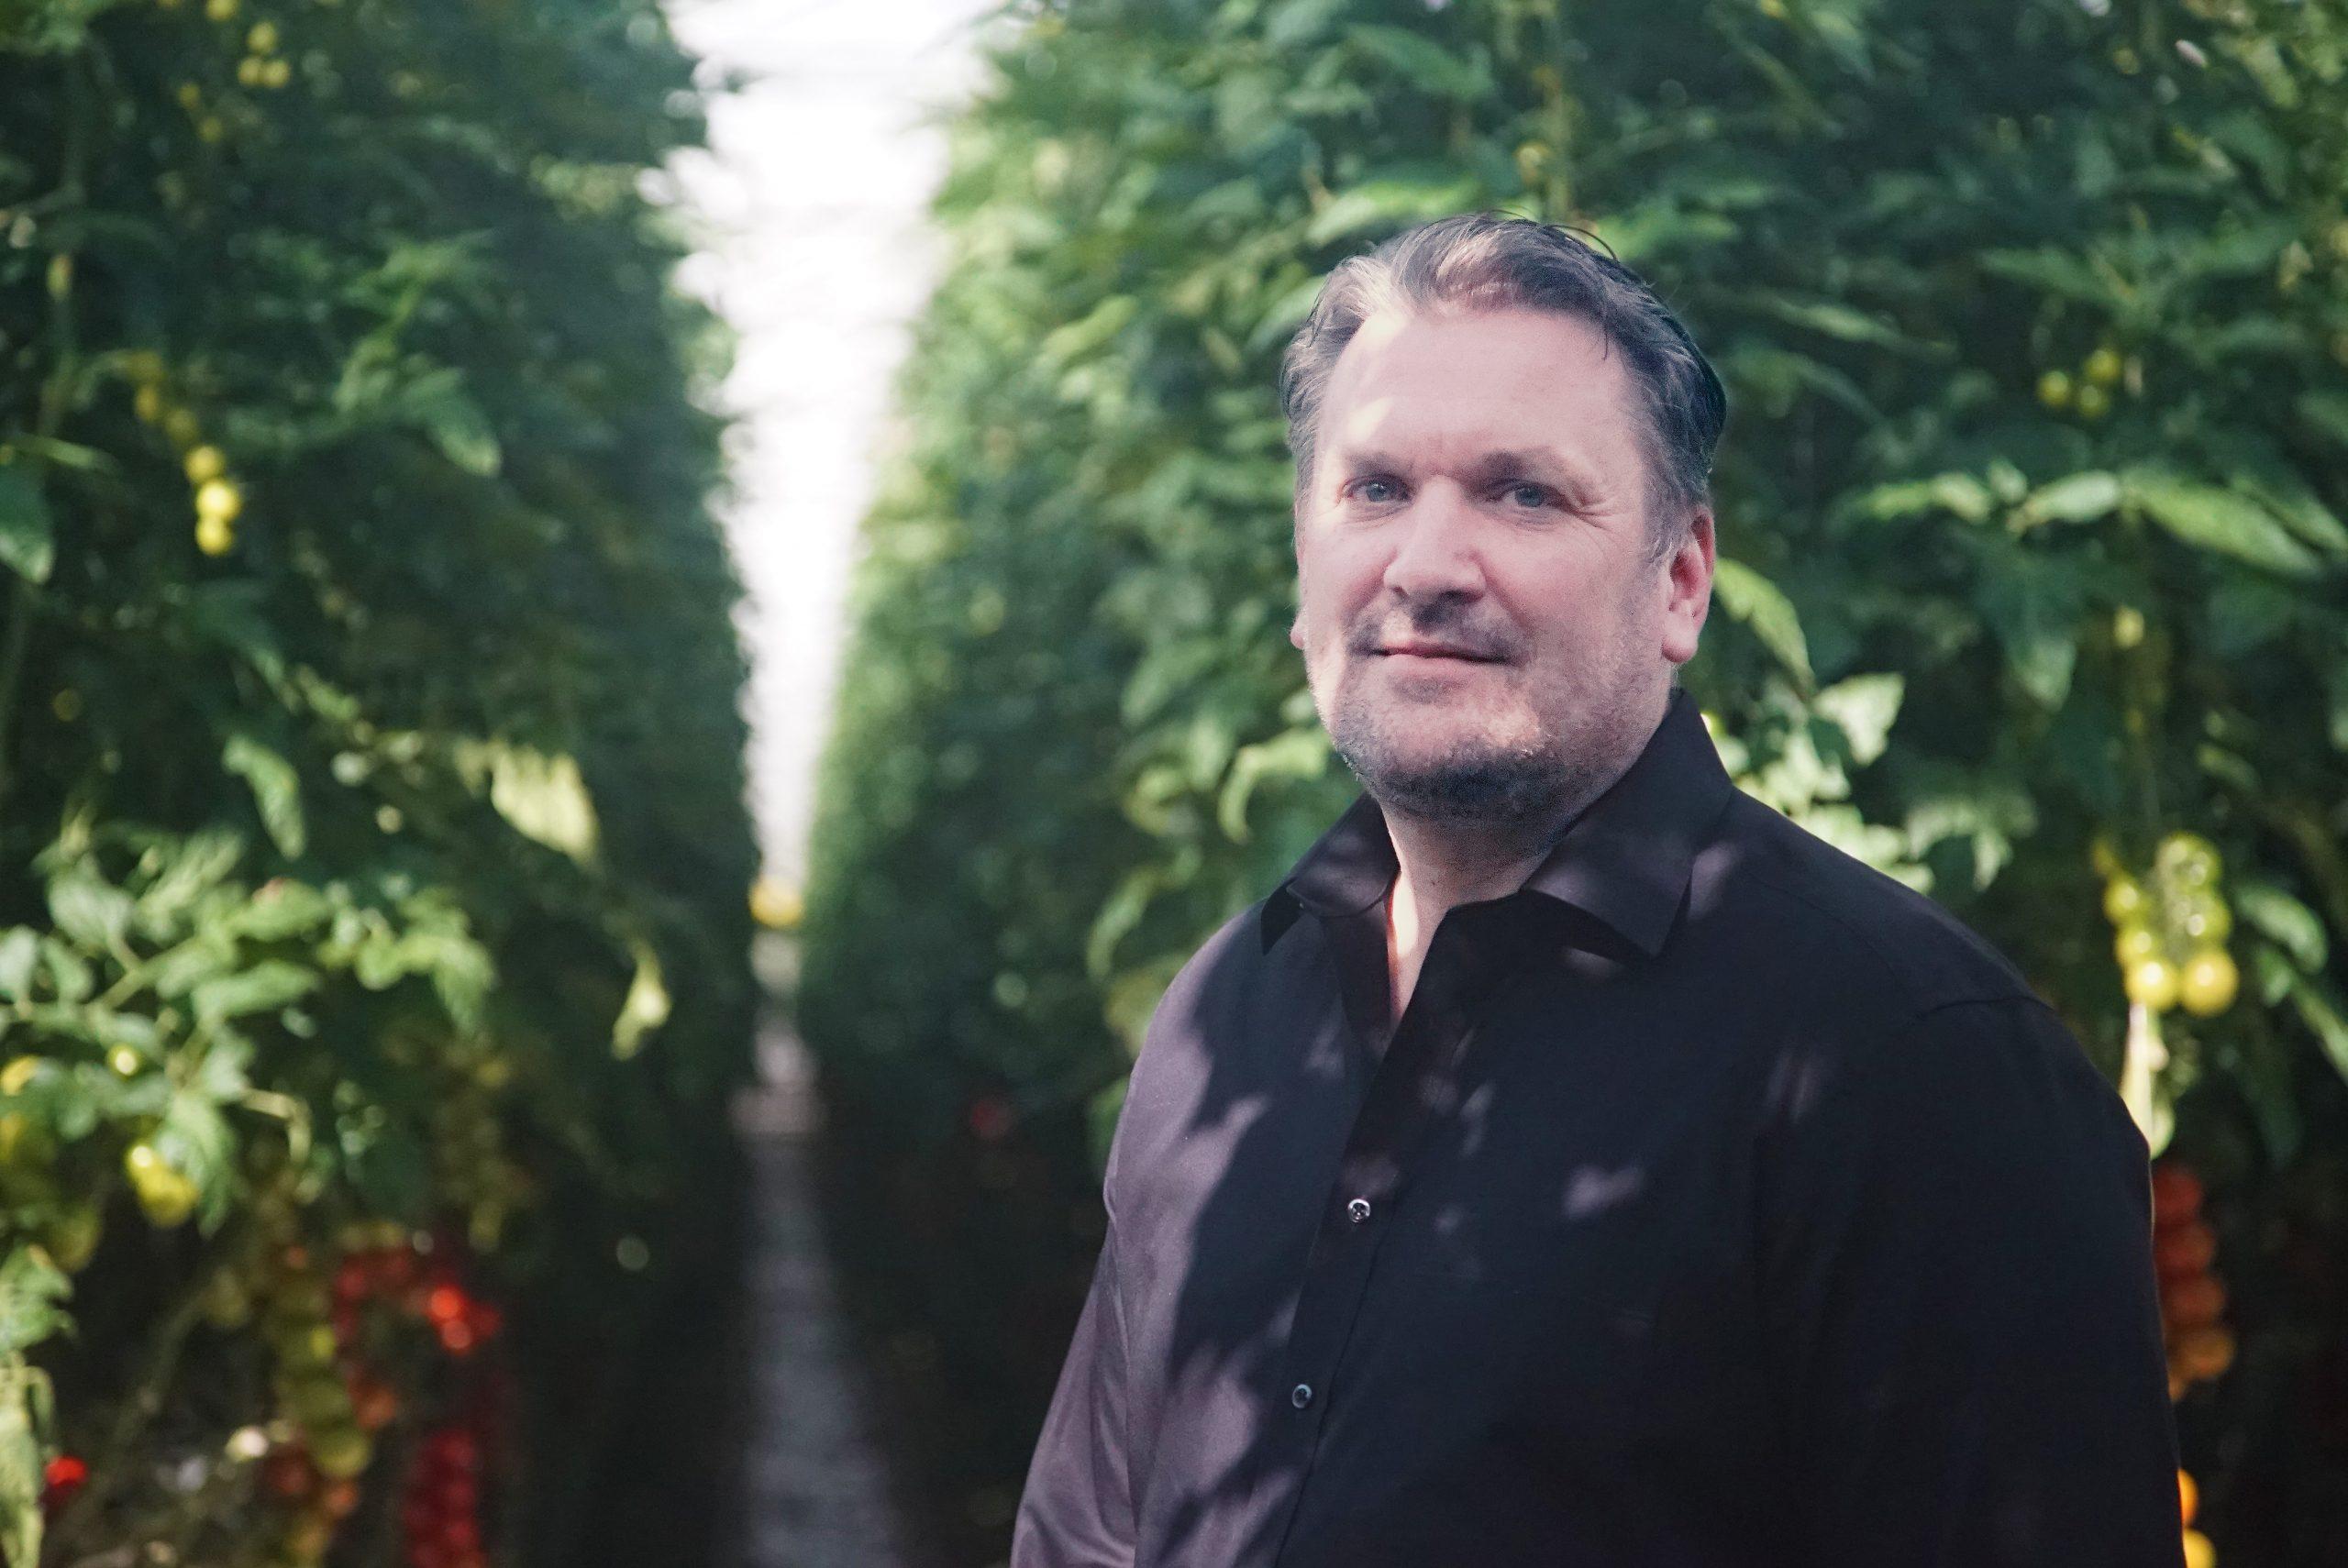 Carsten Knodt von der Neurather Gärtner GbR im Tomatenhaus